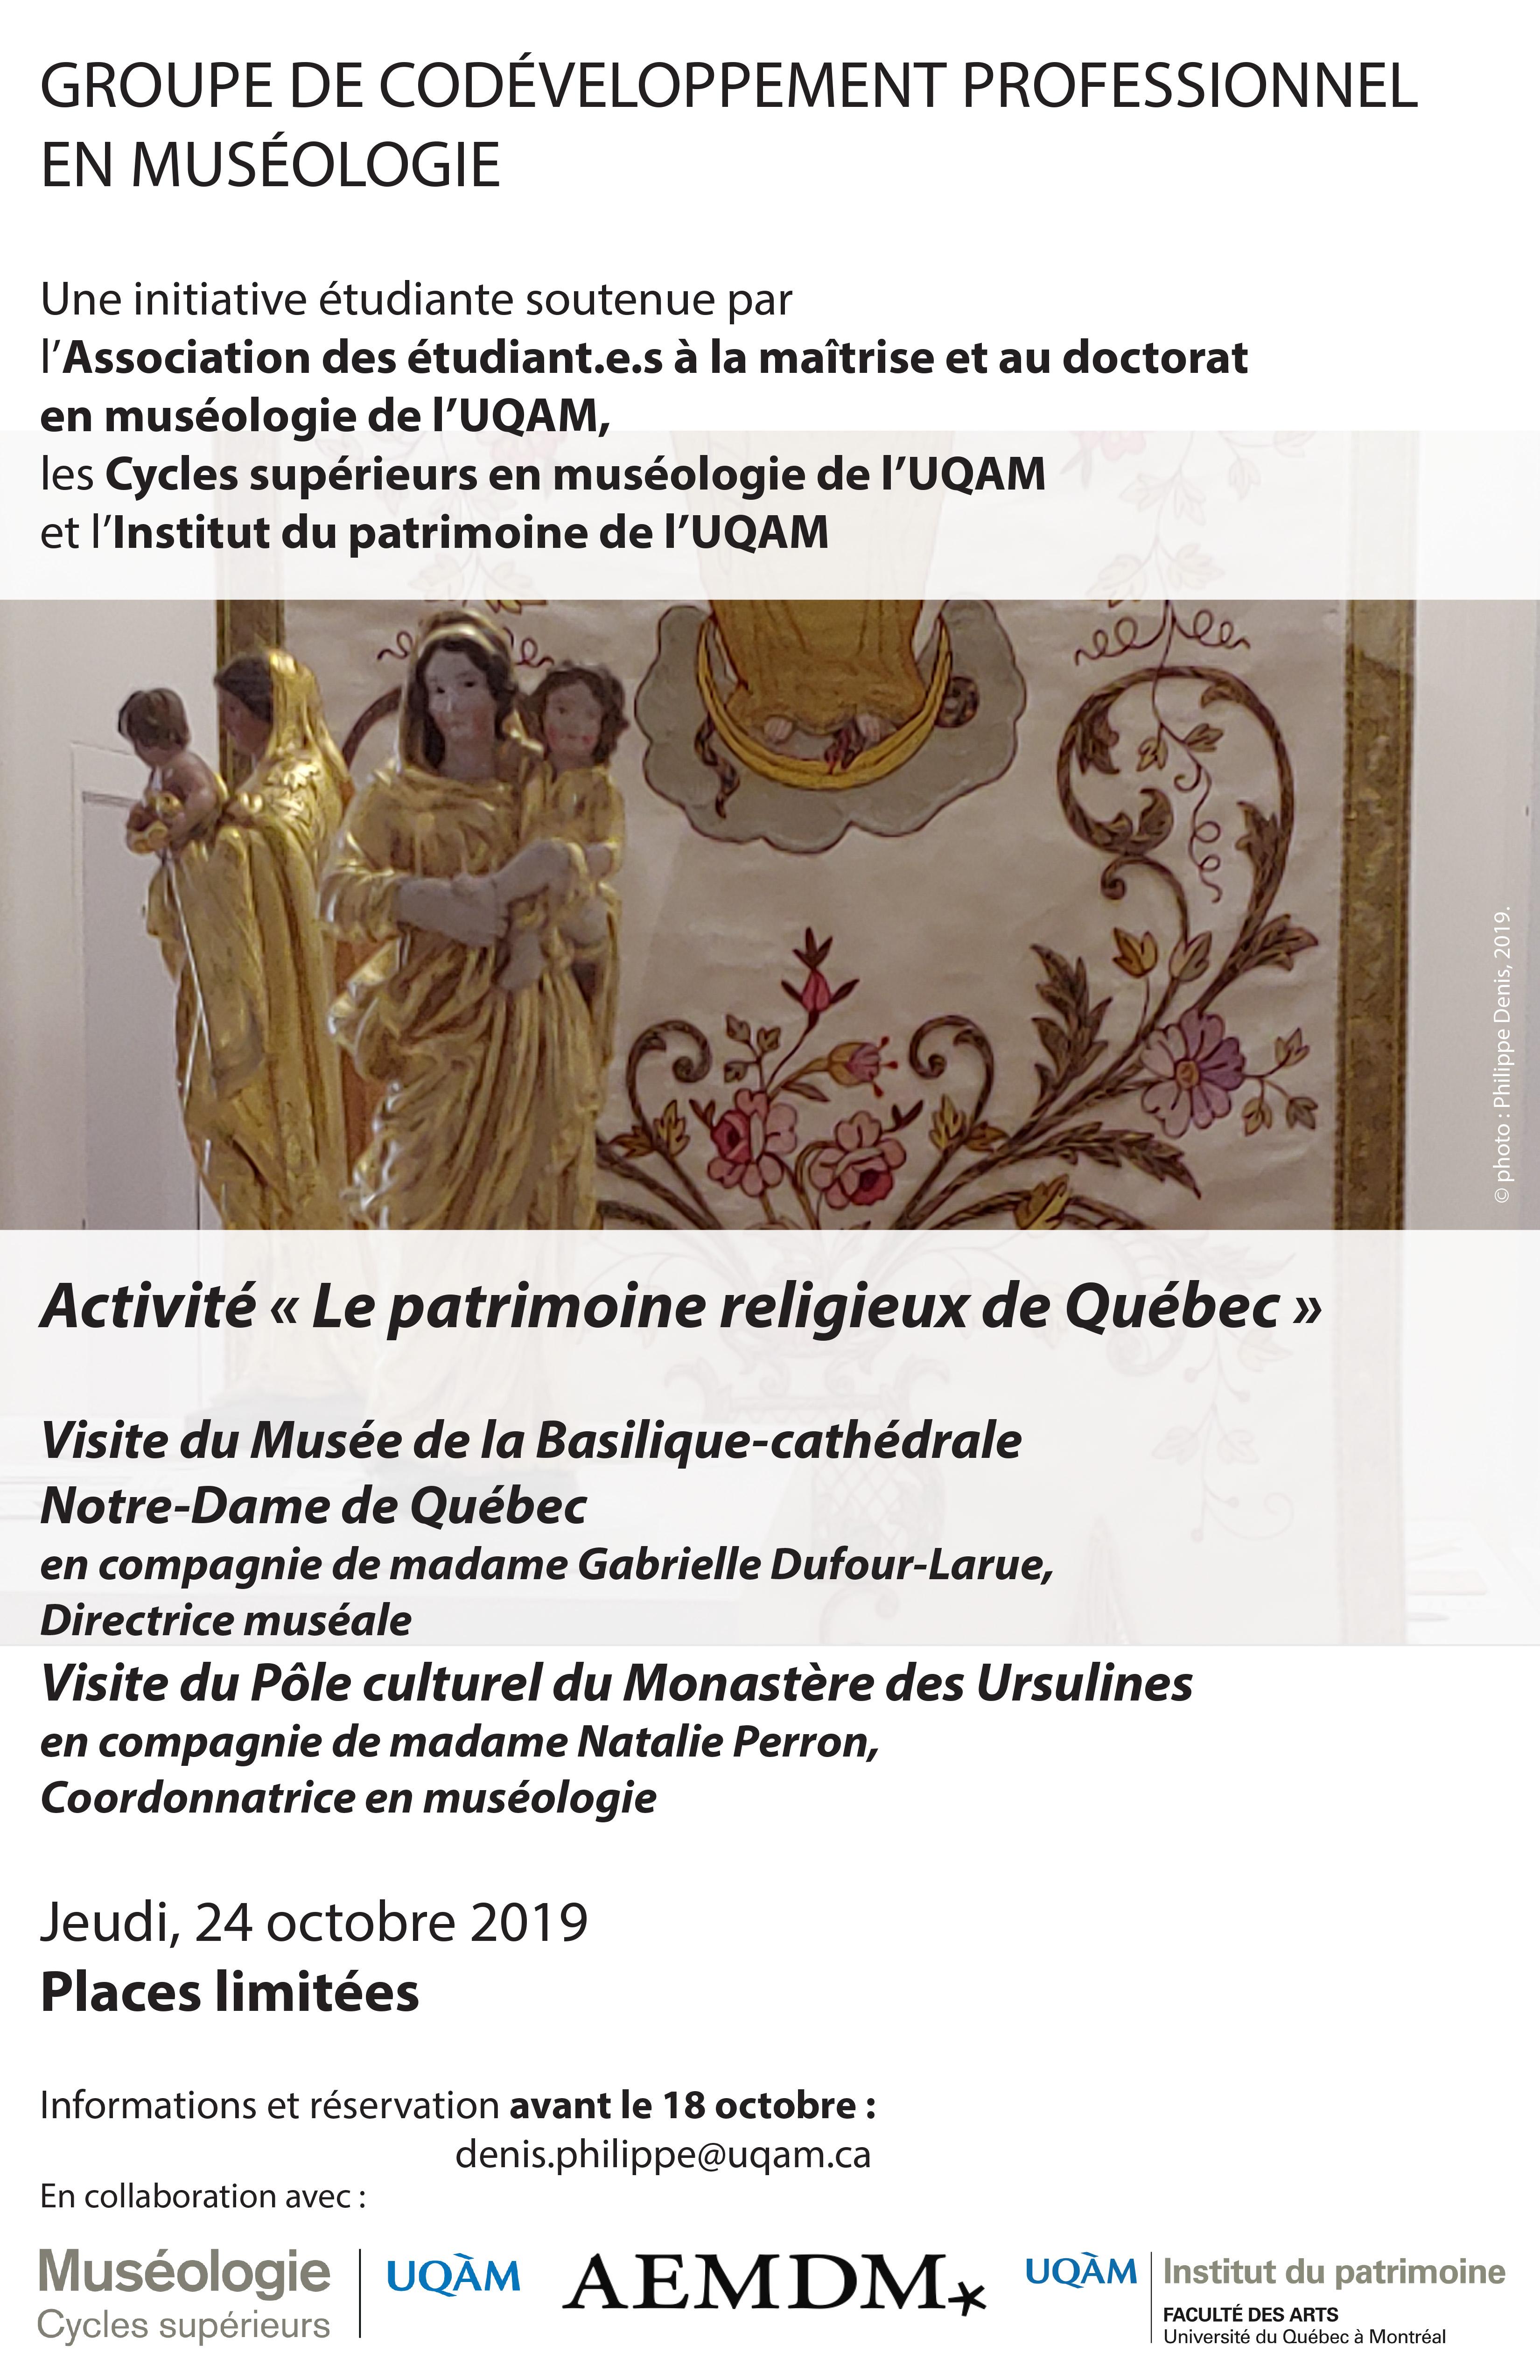 Groupe de codéveloppement professionnel en muséologie / Le patrimoine religieux à Québec